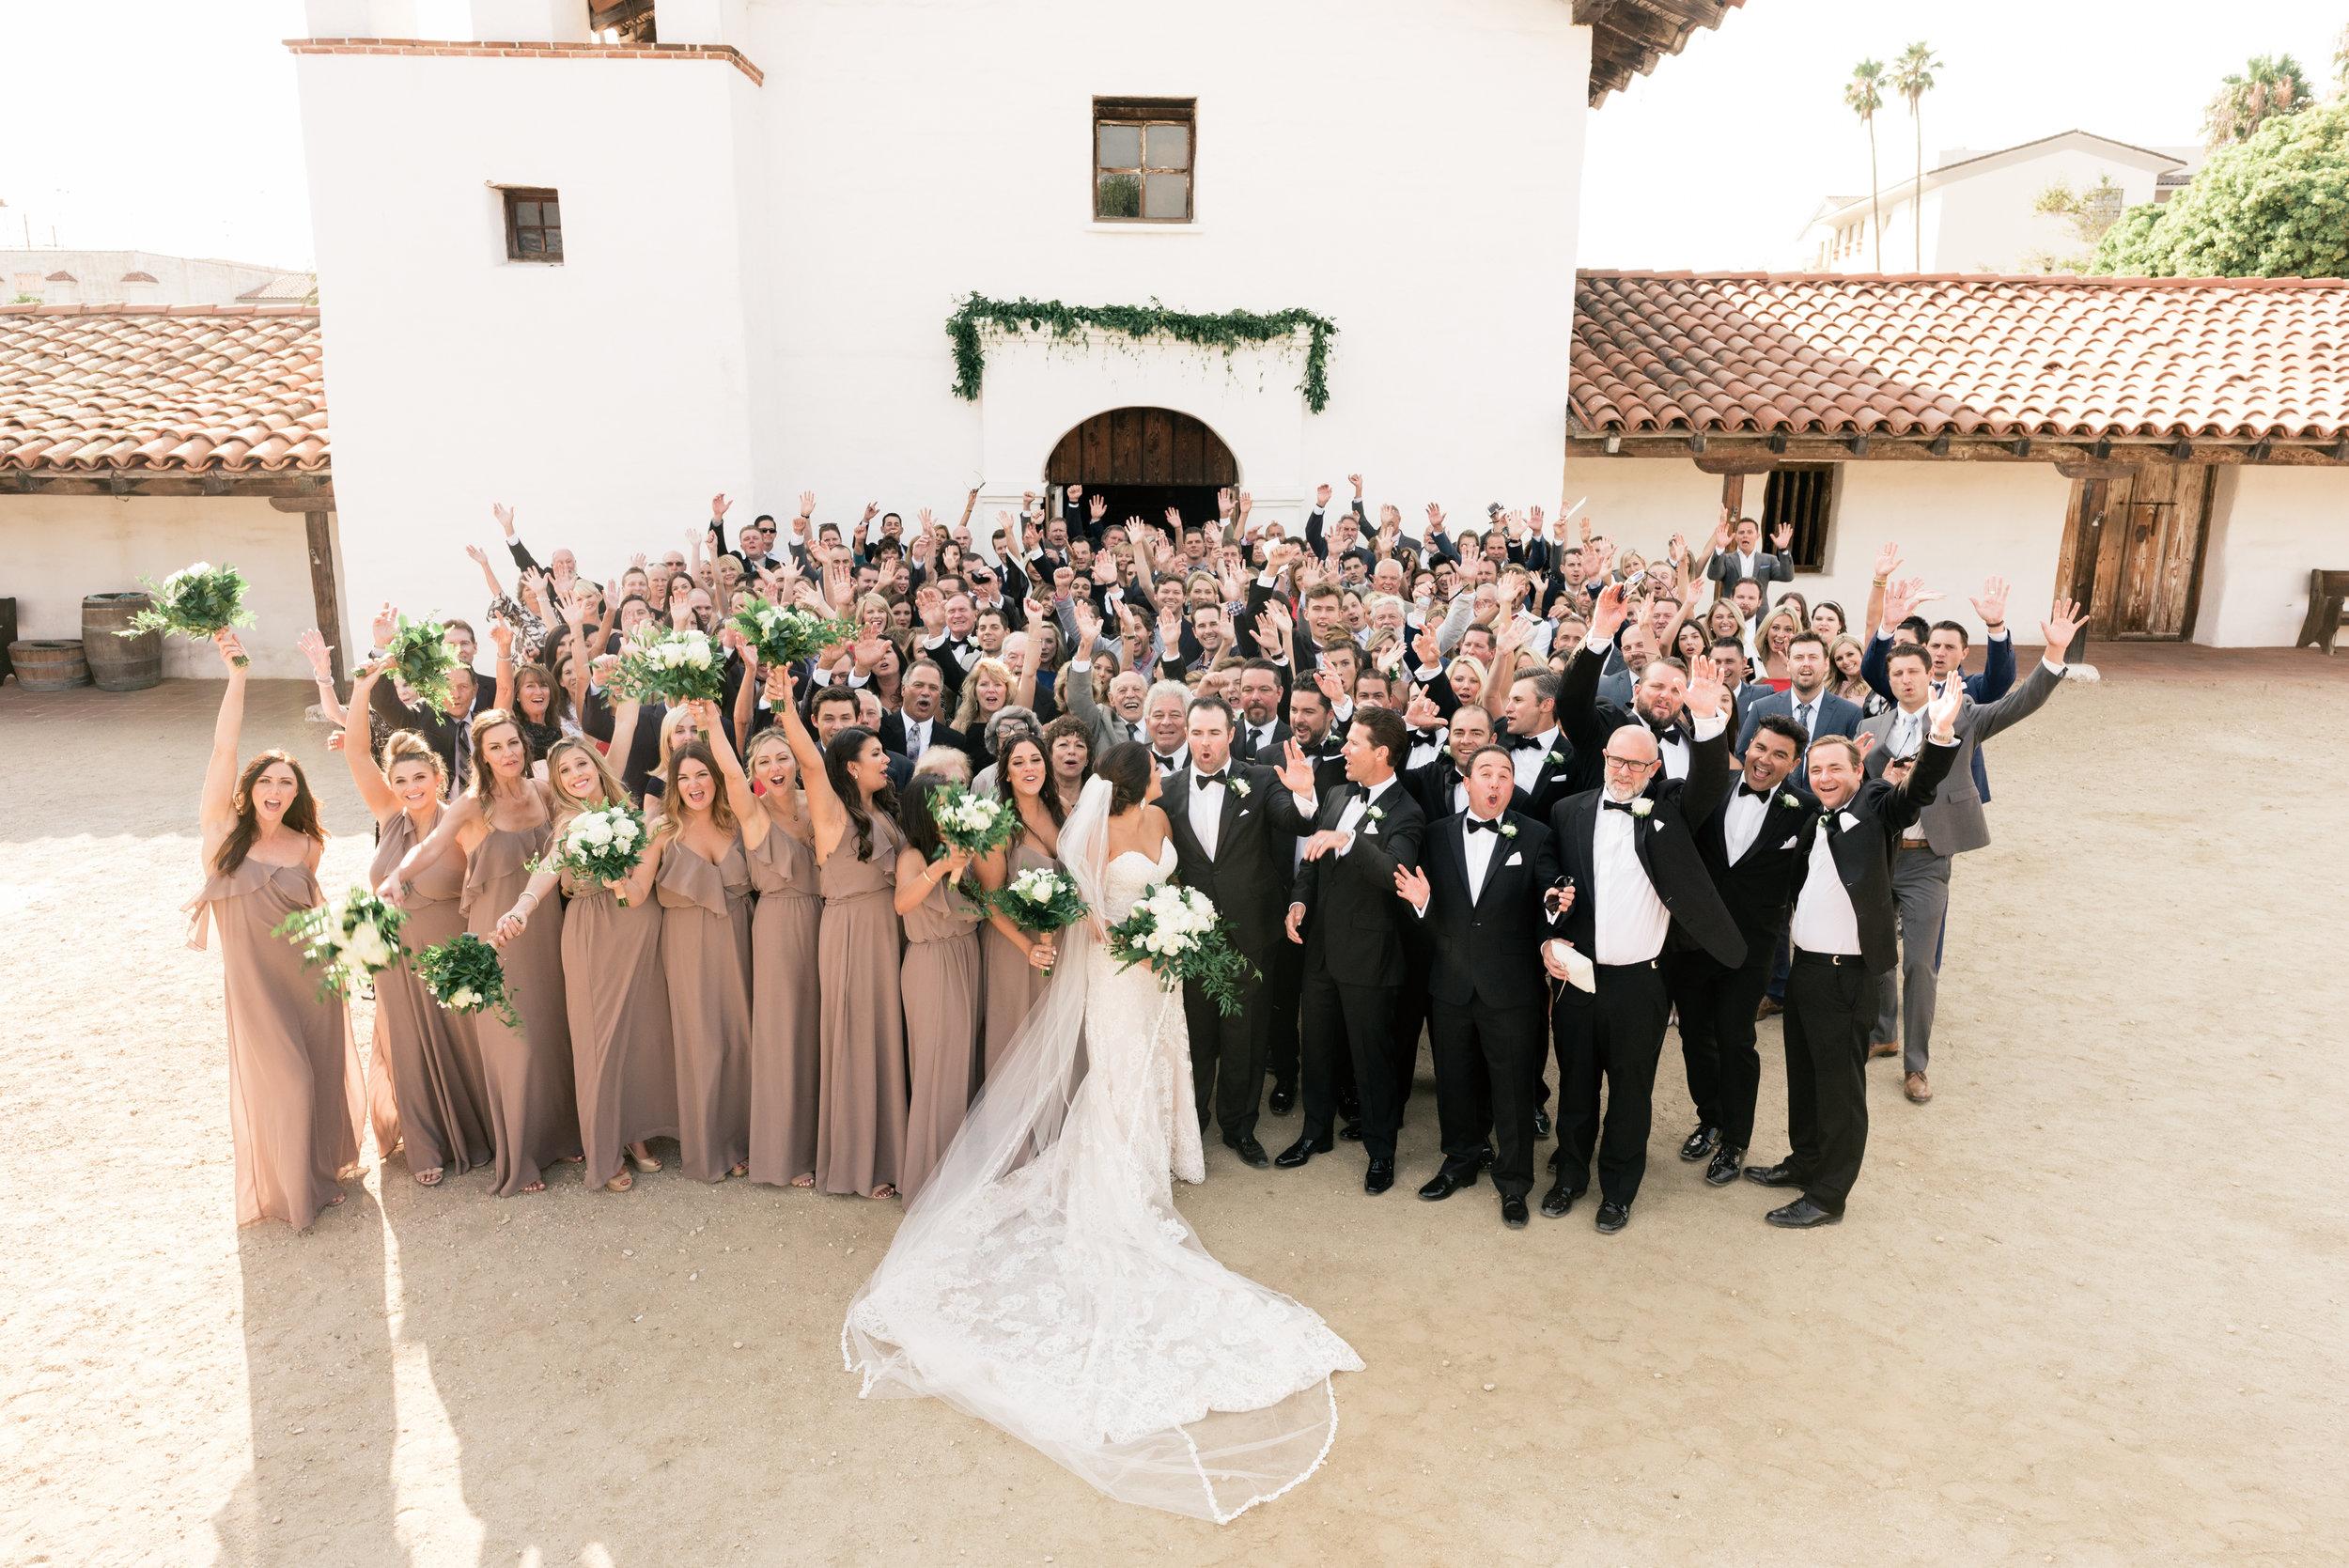 www.santabarbarawedding.com   El Presidio   Santa Barbara Club   Taralynn Lawton   Wedding Party